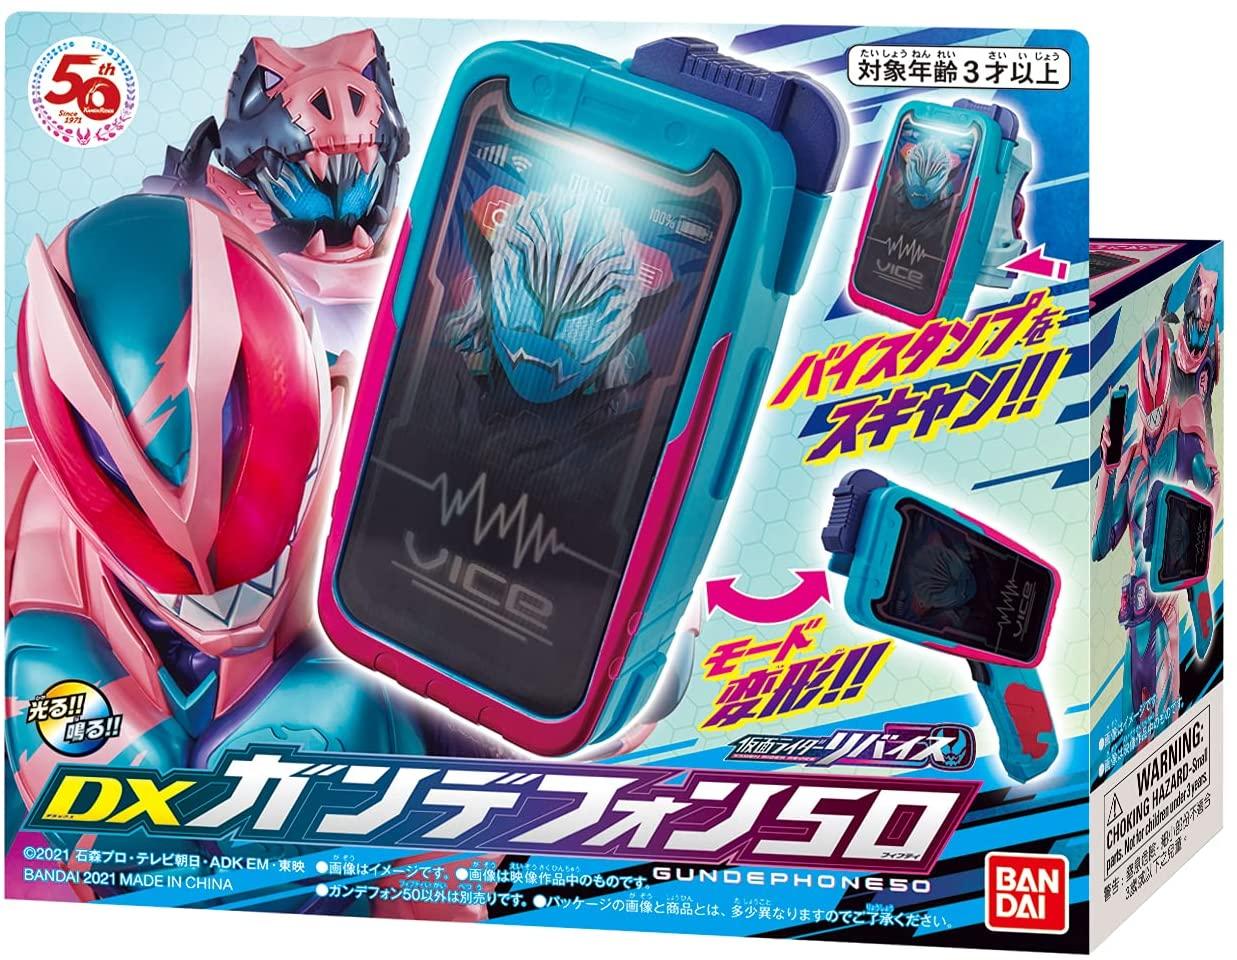 仮面ライダーリバイス「DXガンデフォン50」が9月25日発売!